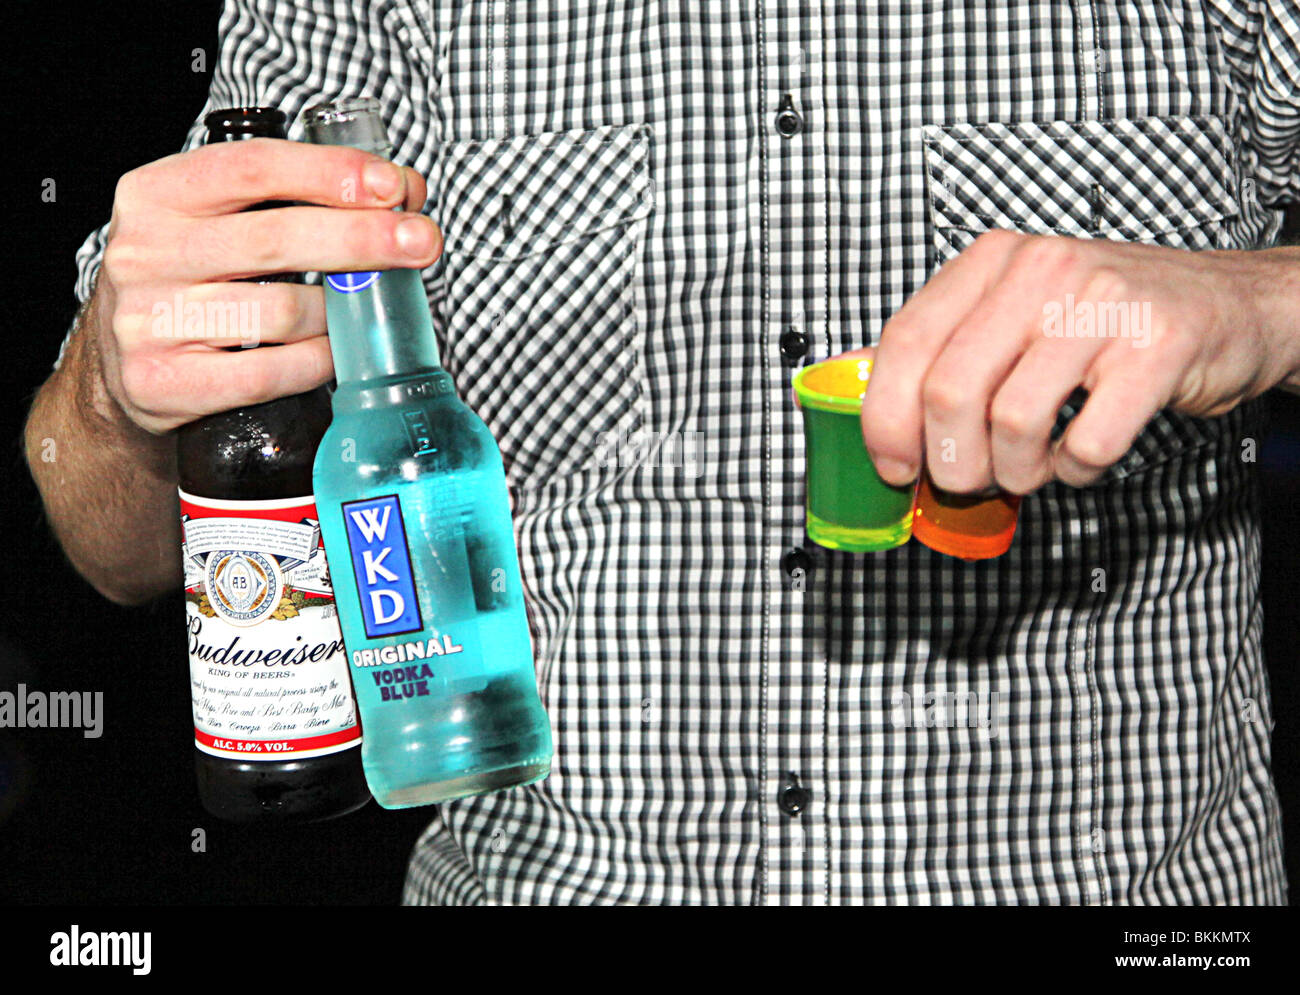 Mann mit Knospe, Budweiser, Wkd, original, trinken, Schüsse aus der ...